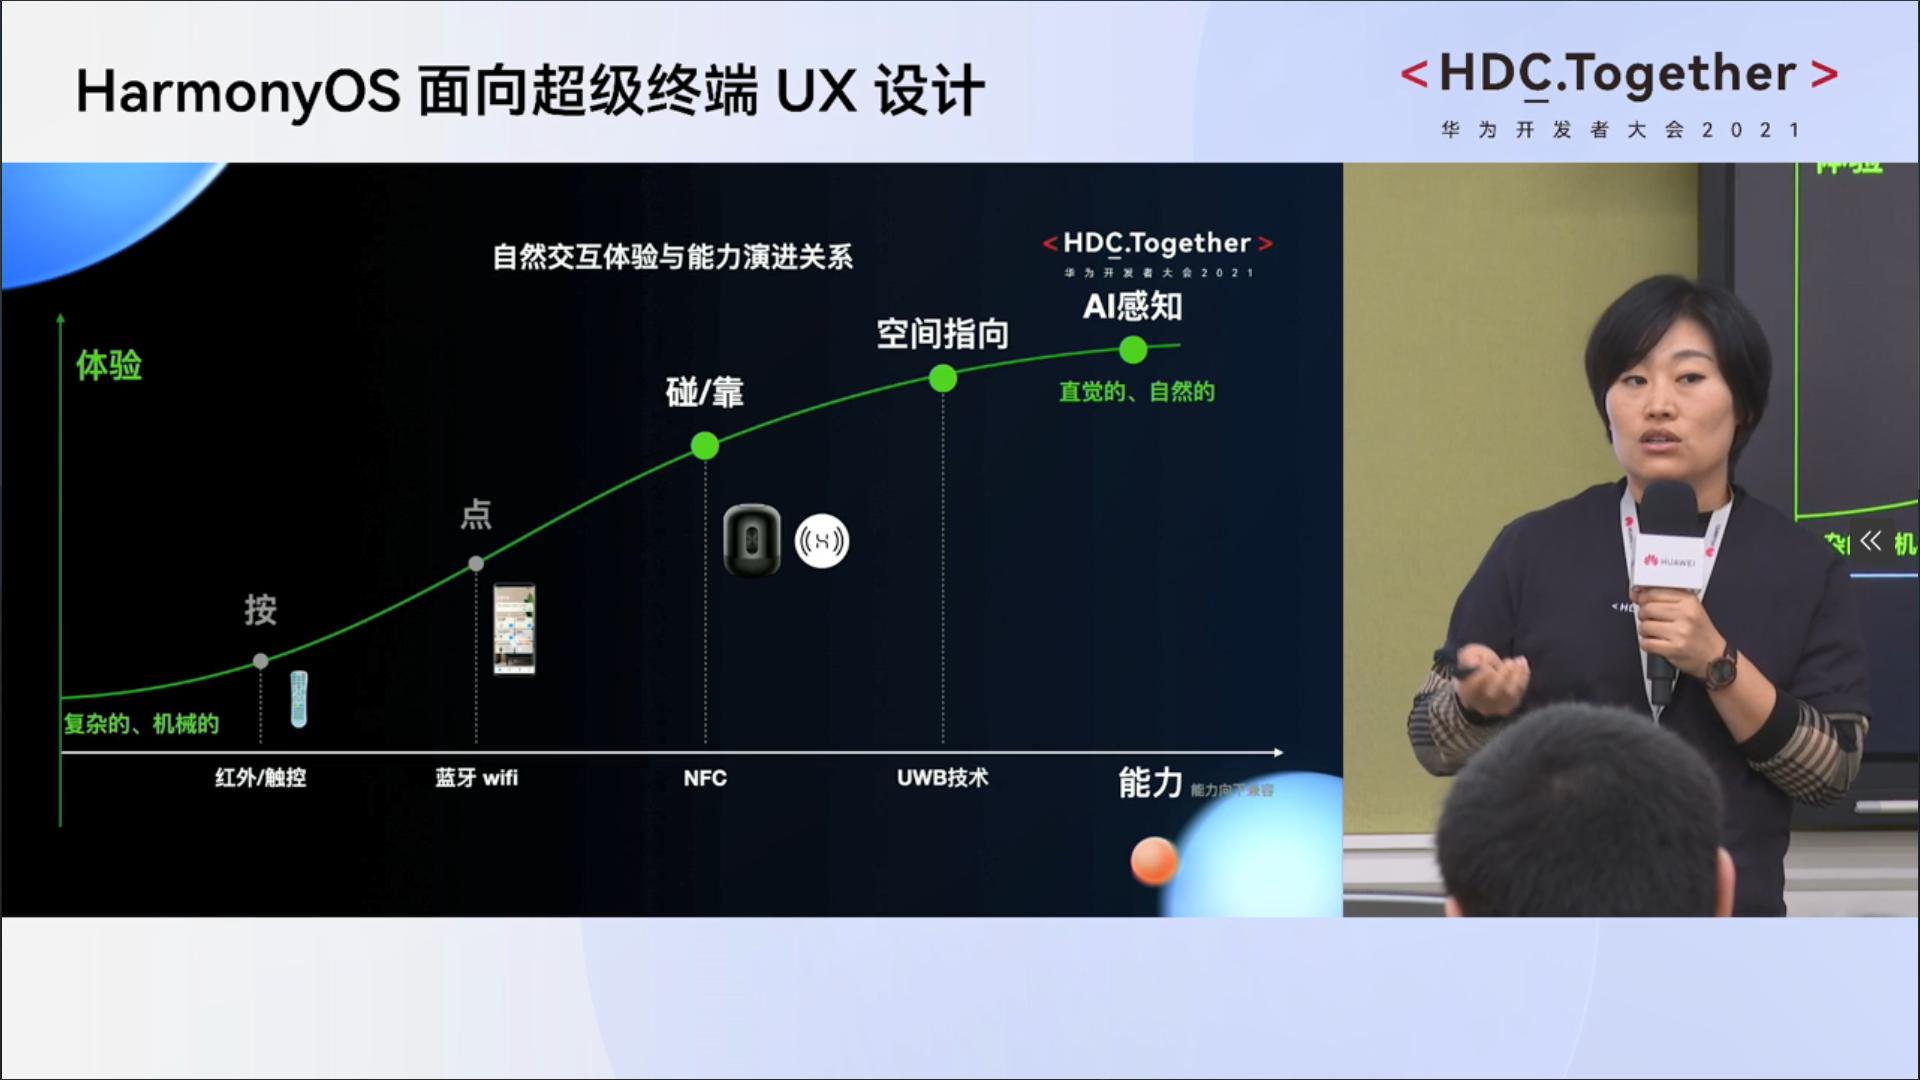 HarmonyOS面向超级终端UX设计-自然交互体验的能力演进关系